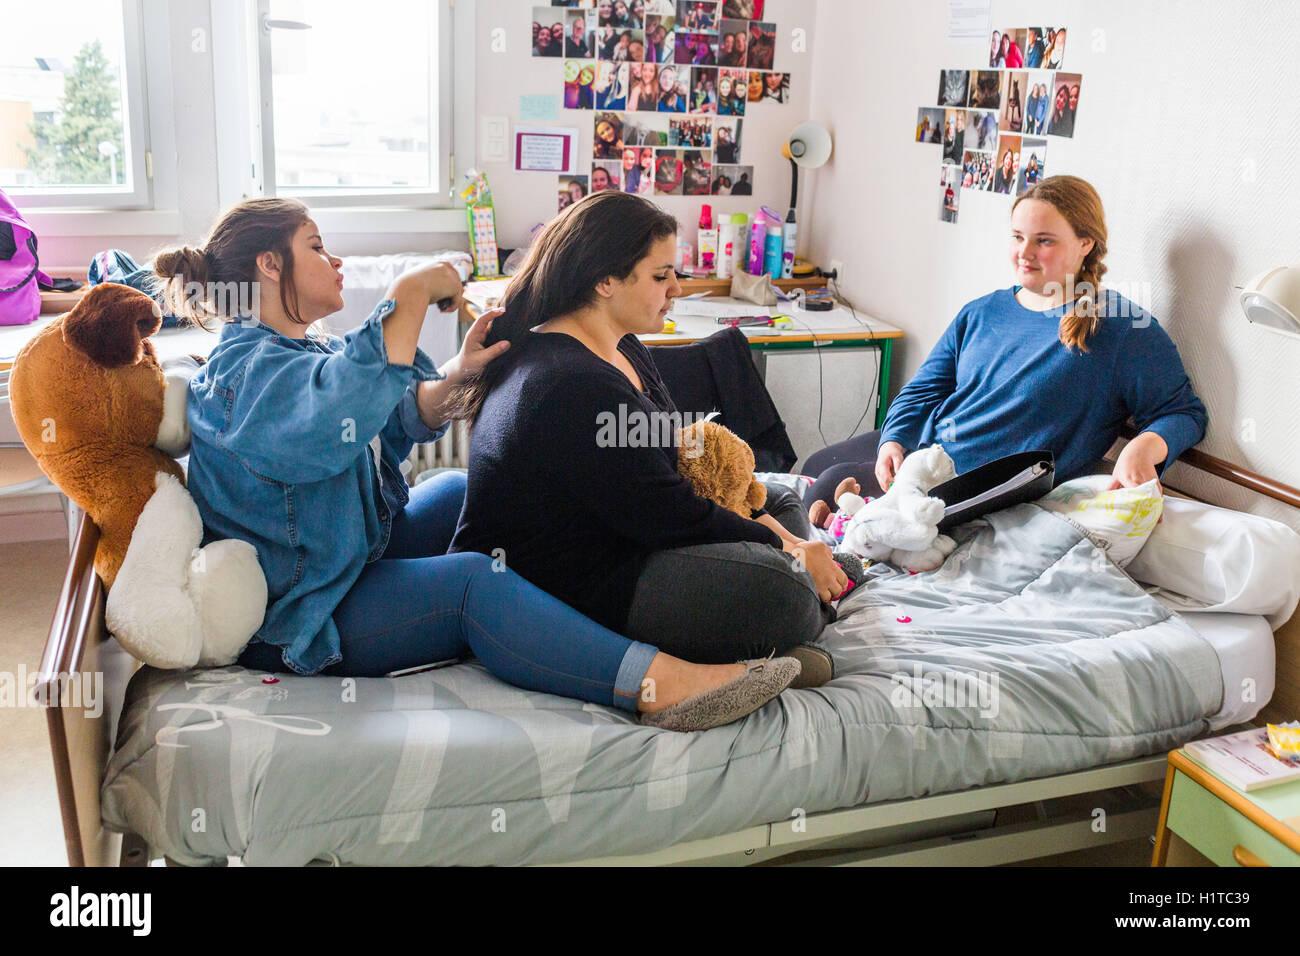 Centro de atención y tratamiento de la obesidad en niños y adolescentes , Les Terrasses, Niort, Francia. Imagen De Stock